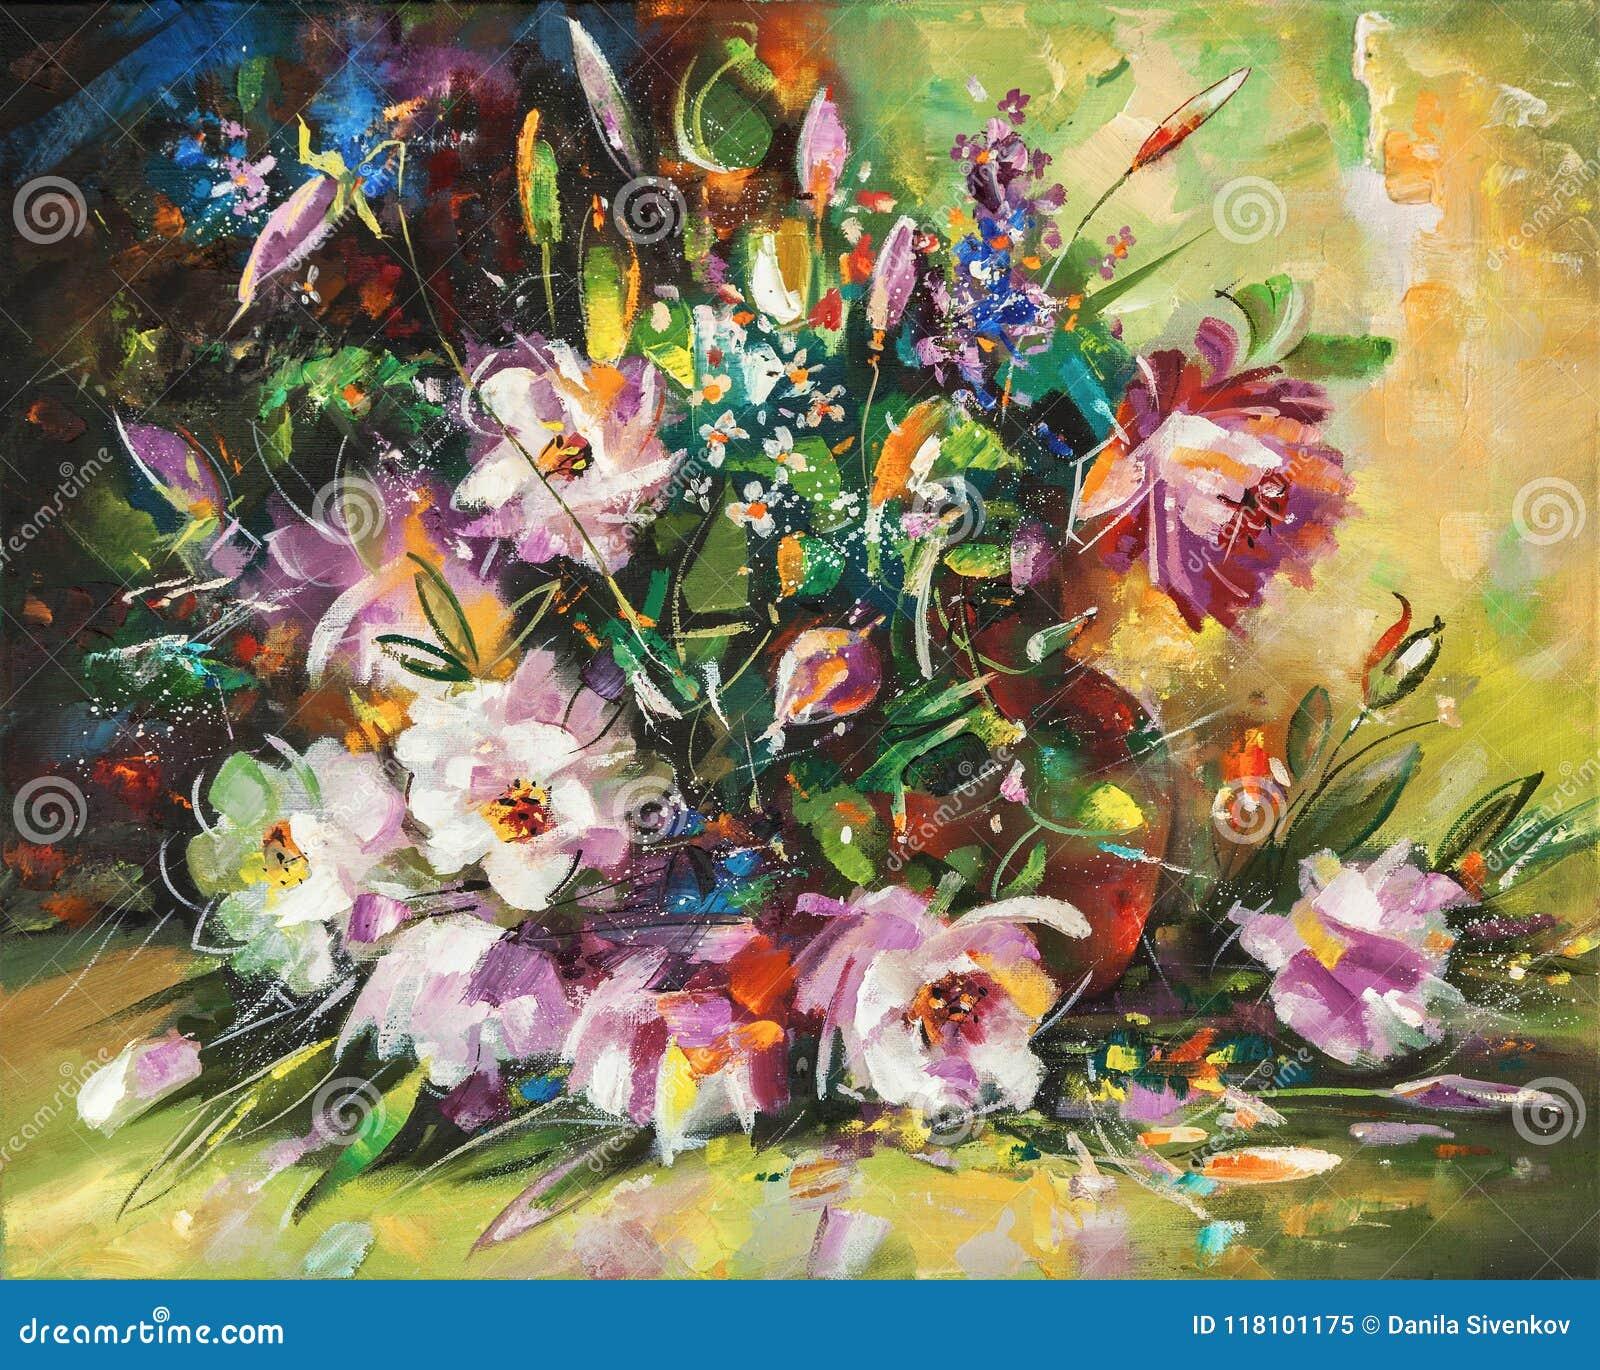 Gestaltungsarbeit Blumen Autor: Nikolay Sivenkov